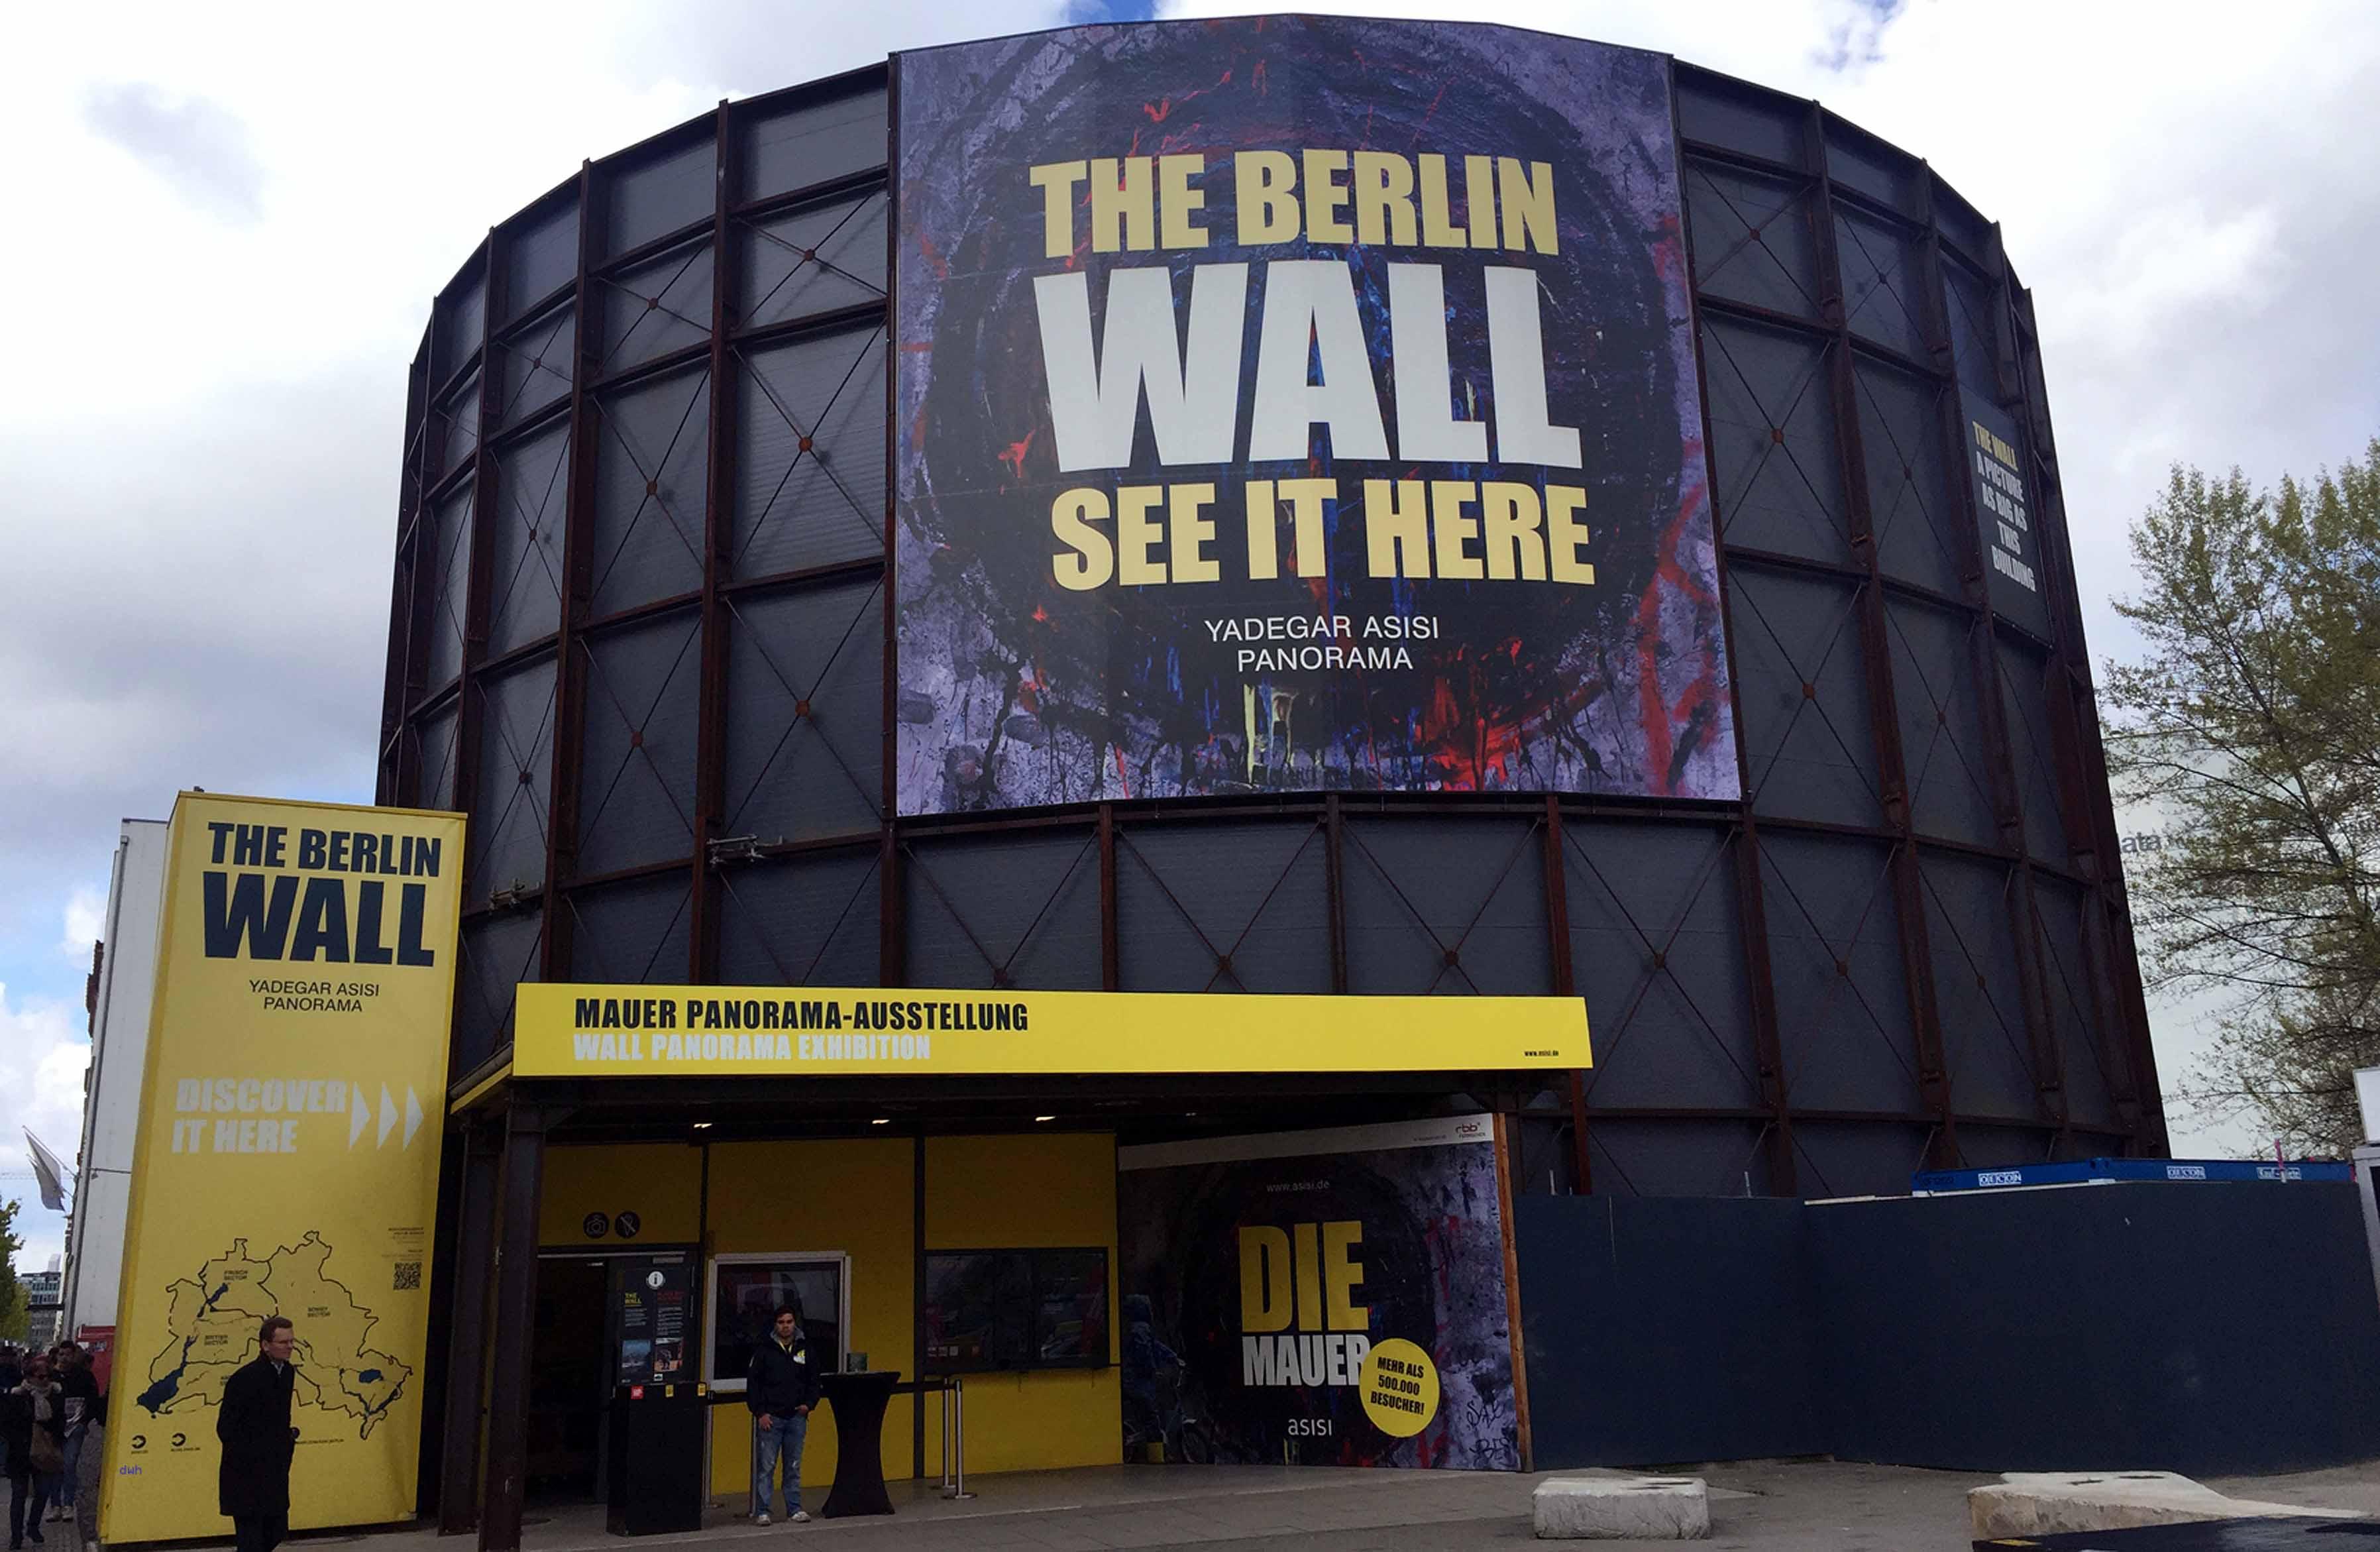 Yadegar Asisi Parorama in Berlin